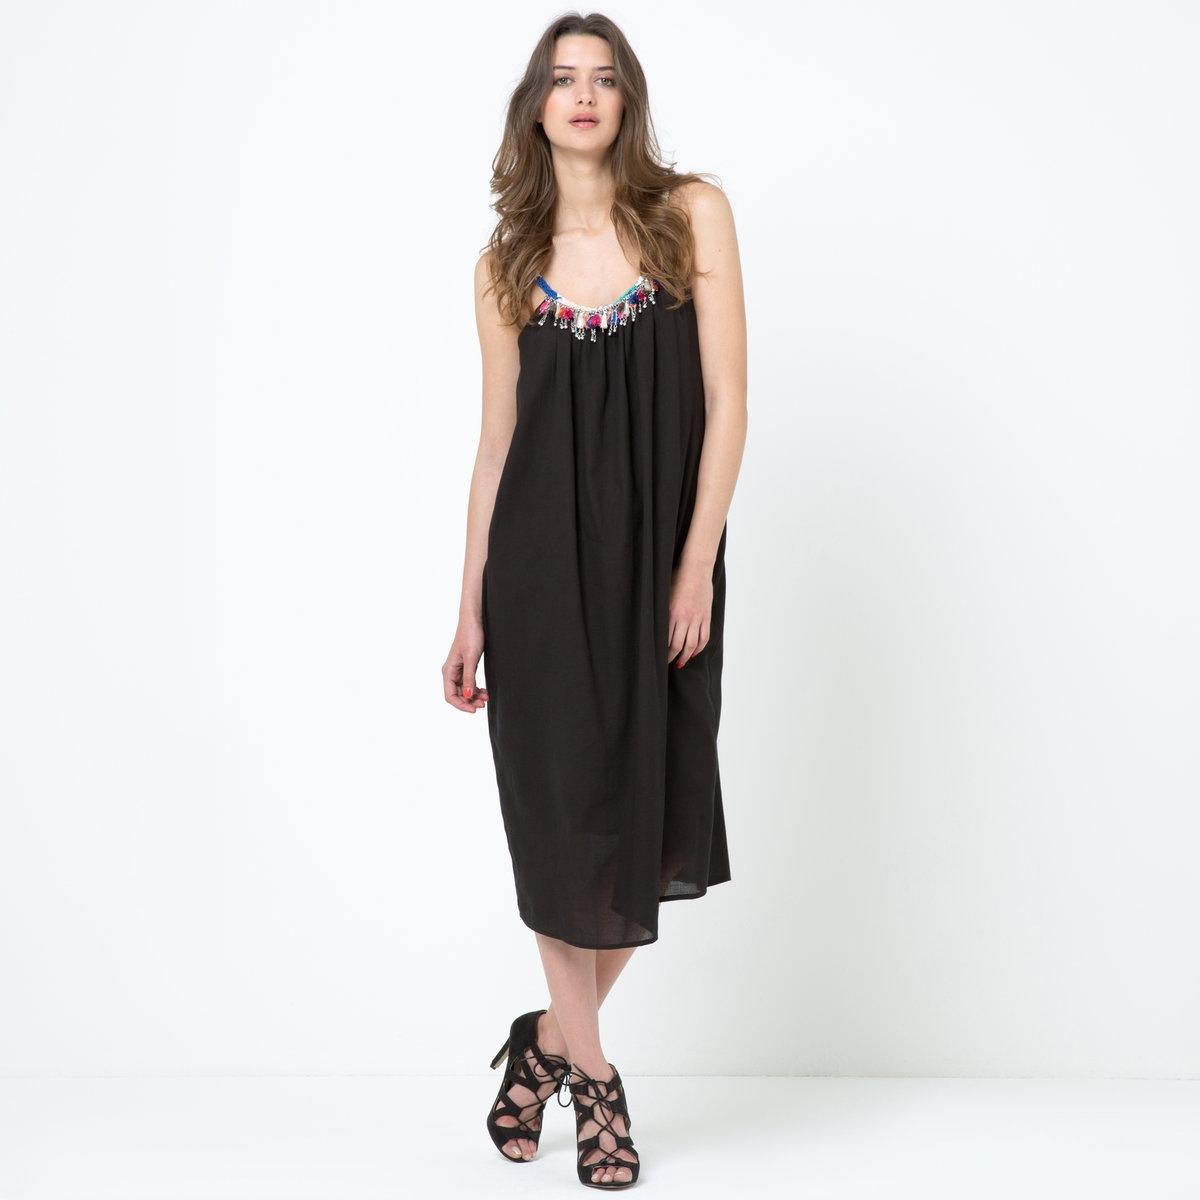 Платье расклешенноеПлатье без рукавов Soft Grey. Креп, 100% хлопок. Широкий покрой. Карманы по бокам. Подкладка из 100% хлопка. Длина – 115 см.<br><br>Цвет: черный